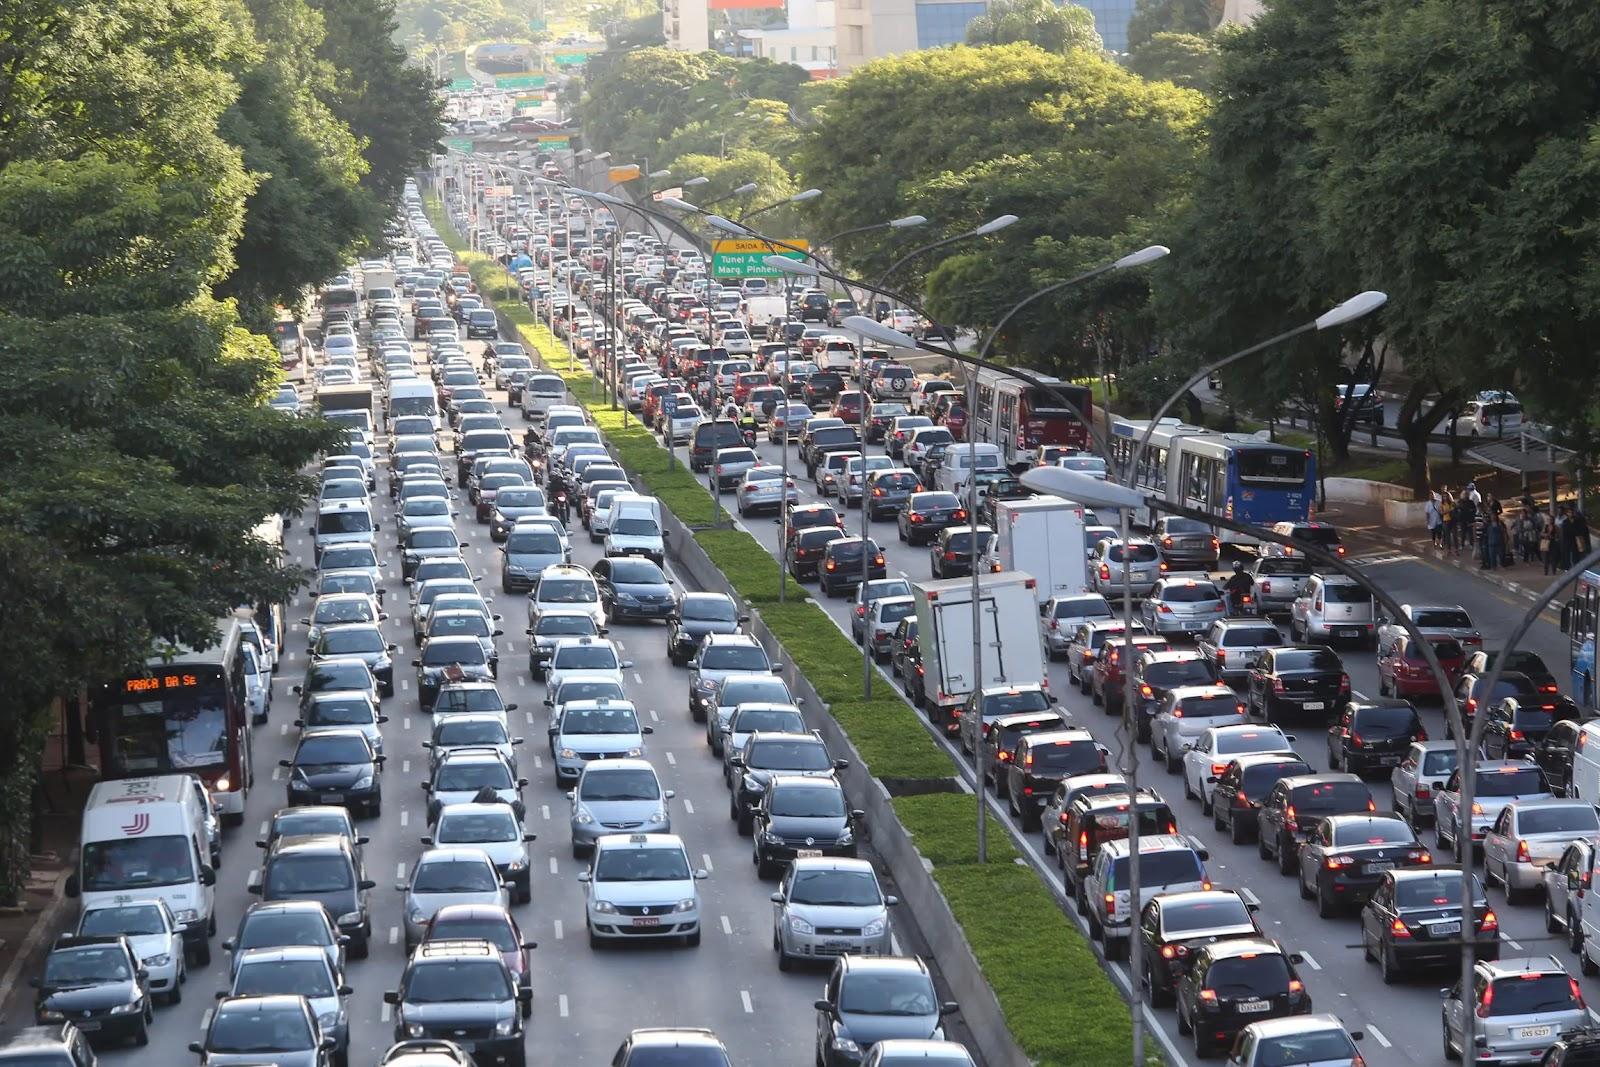 São Paulo conta com o rodízio municipal de carros, que impõe restrições diárias à circulação de veículos de acordo com o número final das placas. (JF Diorio/Estadão/Reprodução)